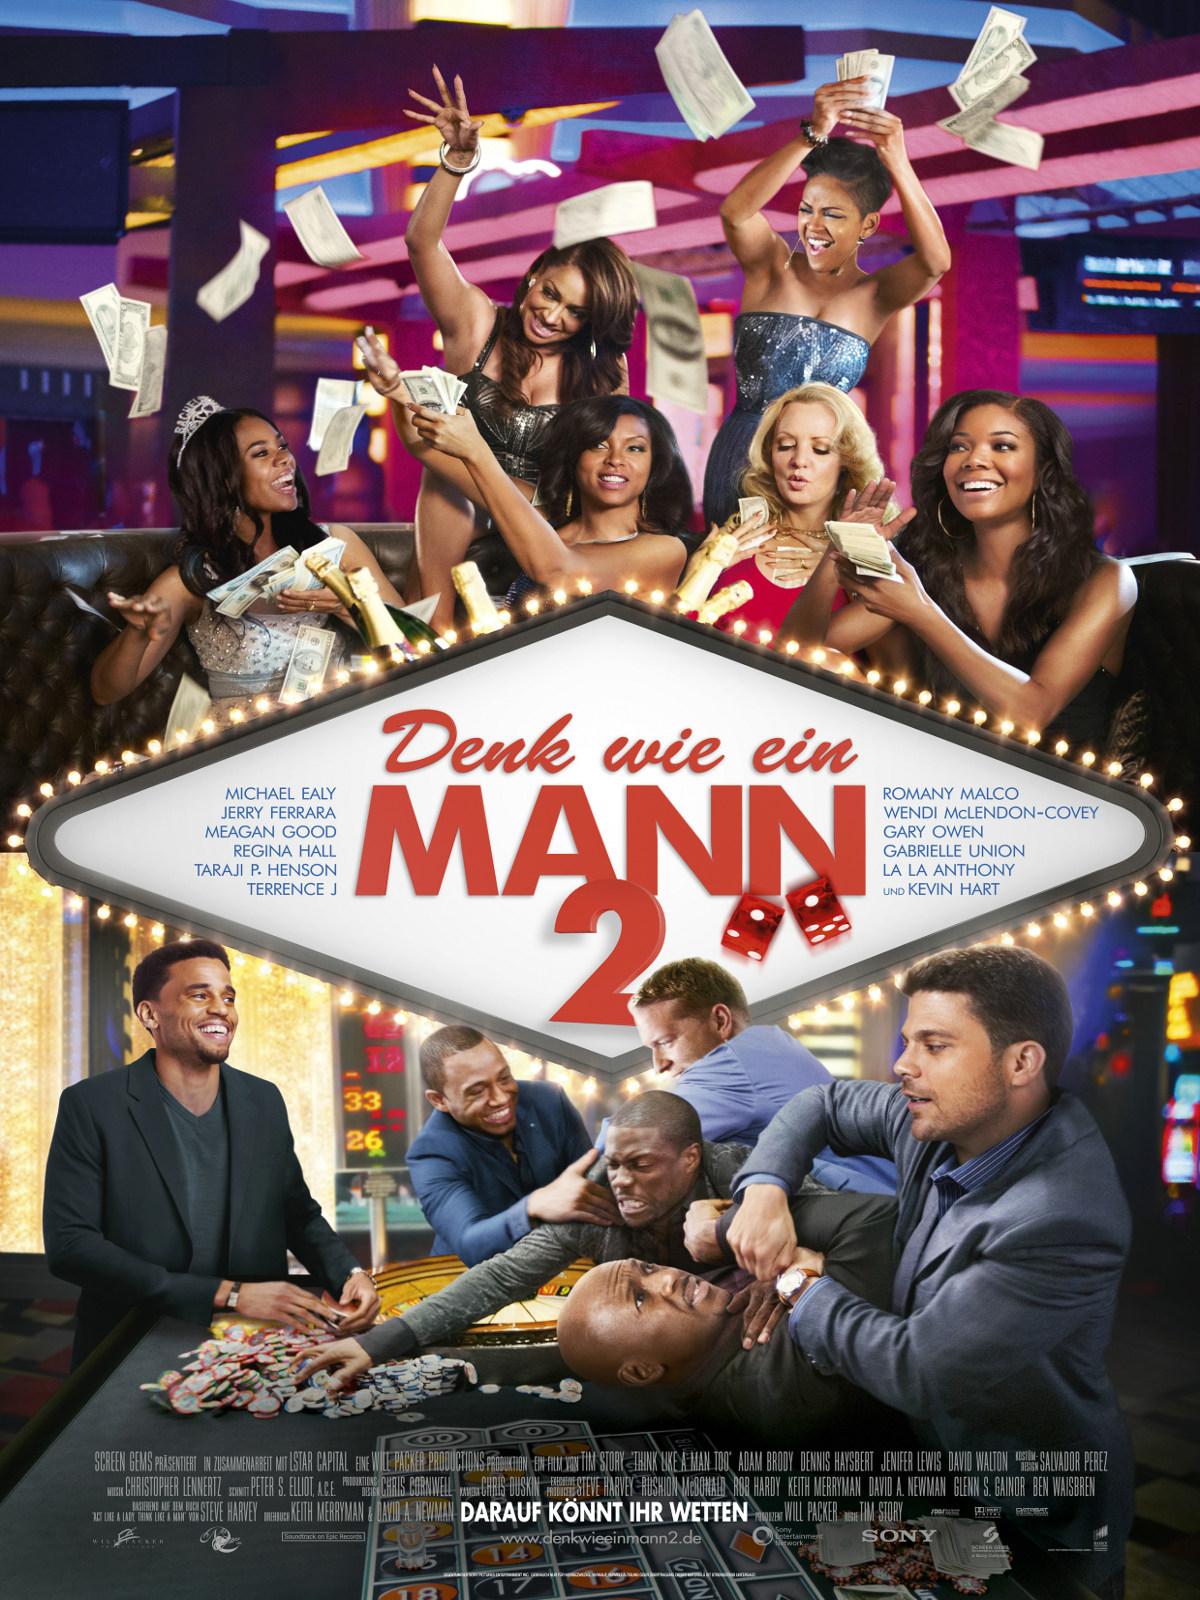 Denk wie ein Mann 2 - Film 2014 - FILMSTARTS.de